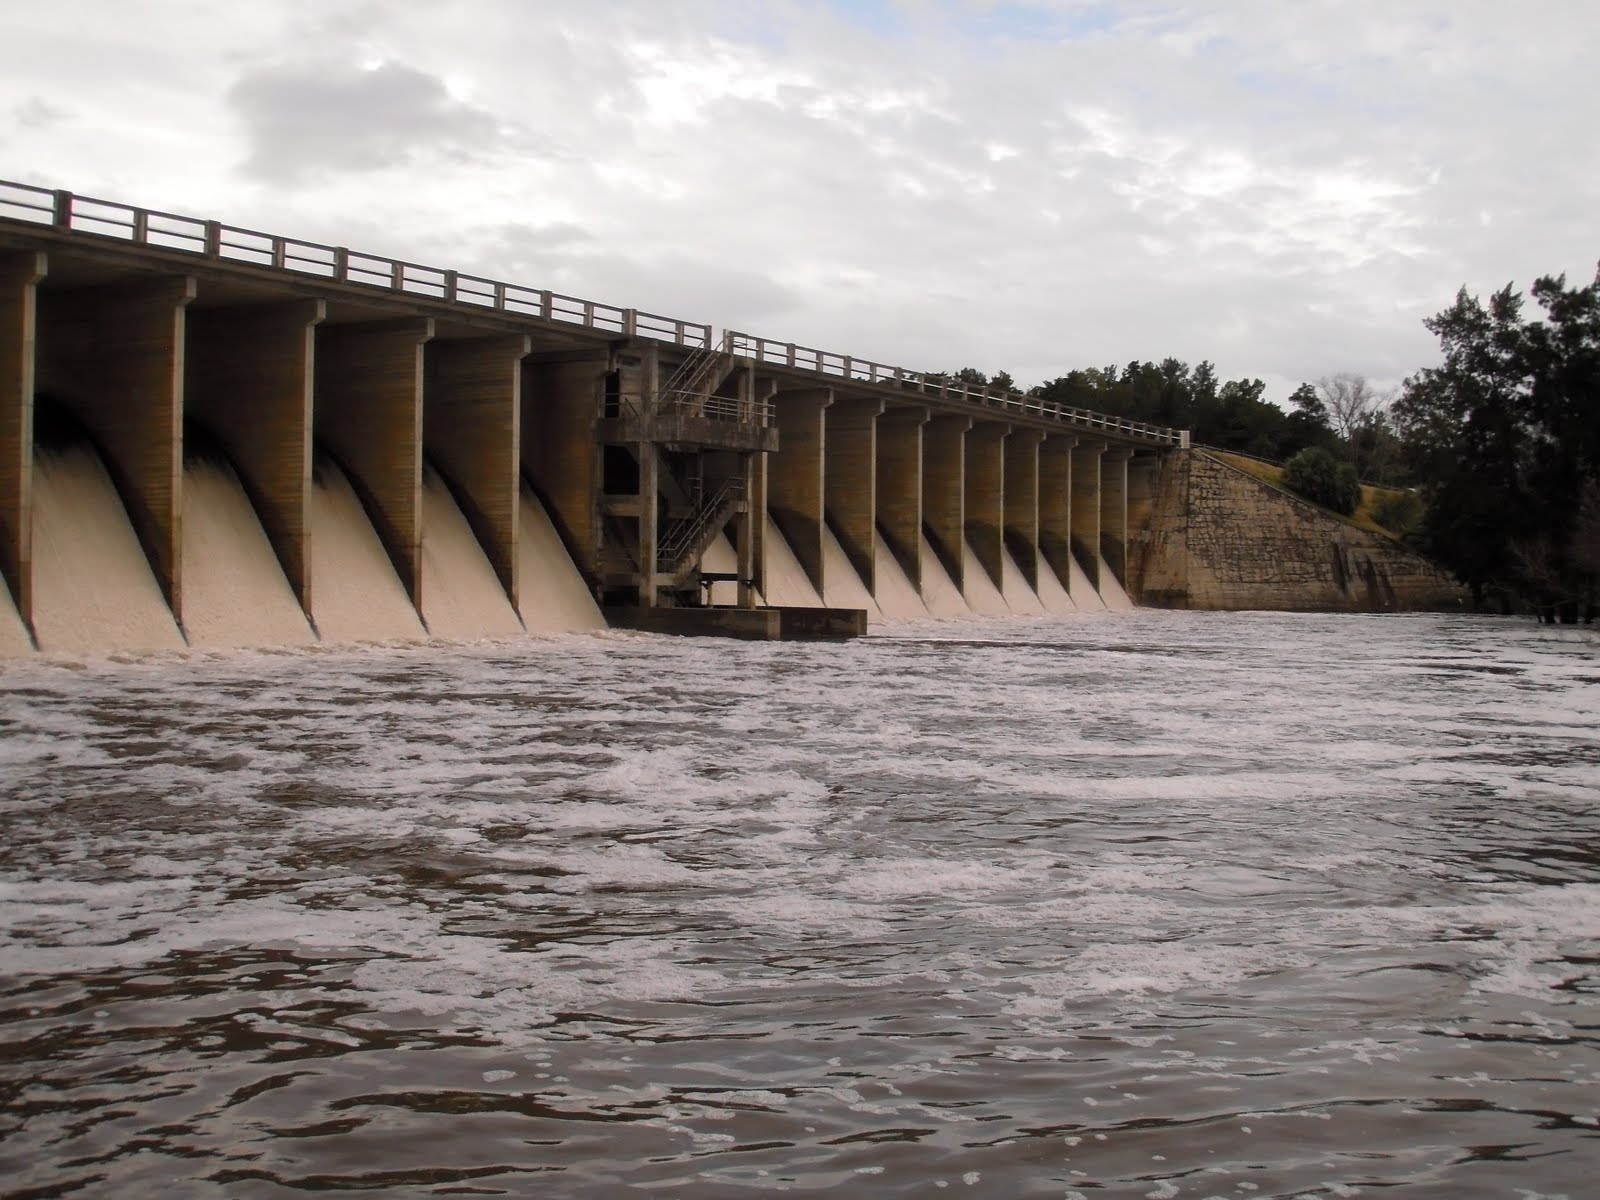 Smart Engineering signa un contracte amb la Universitat de la República a Uruguai per estudiar la represa de Canelón Grande